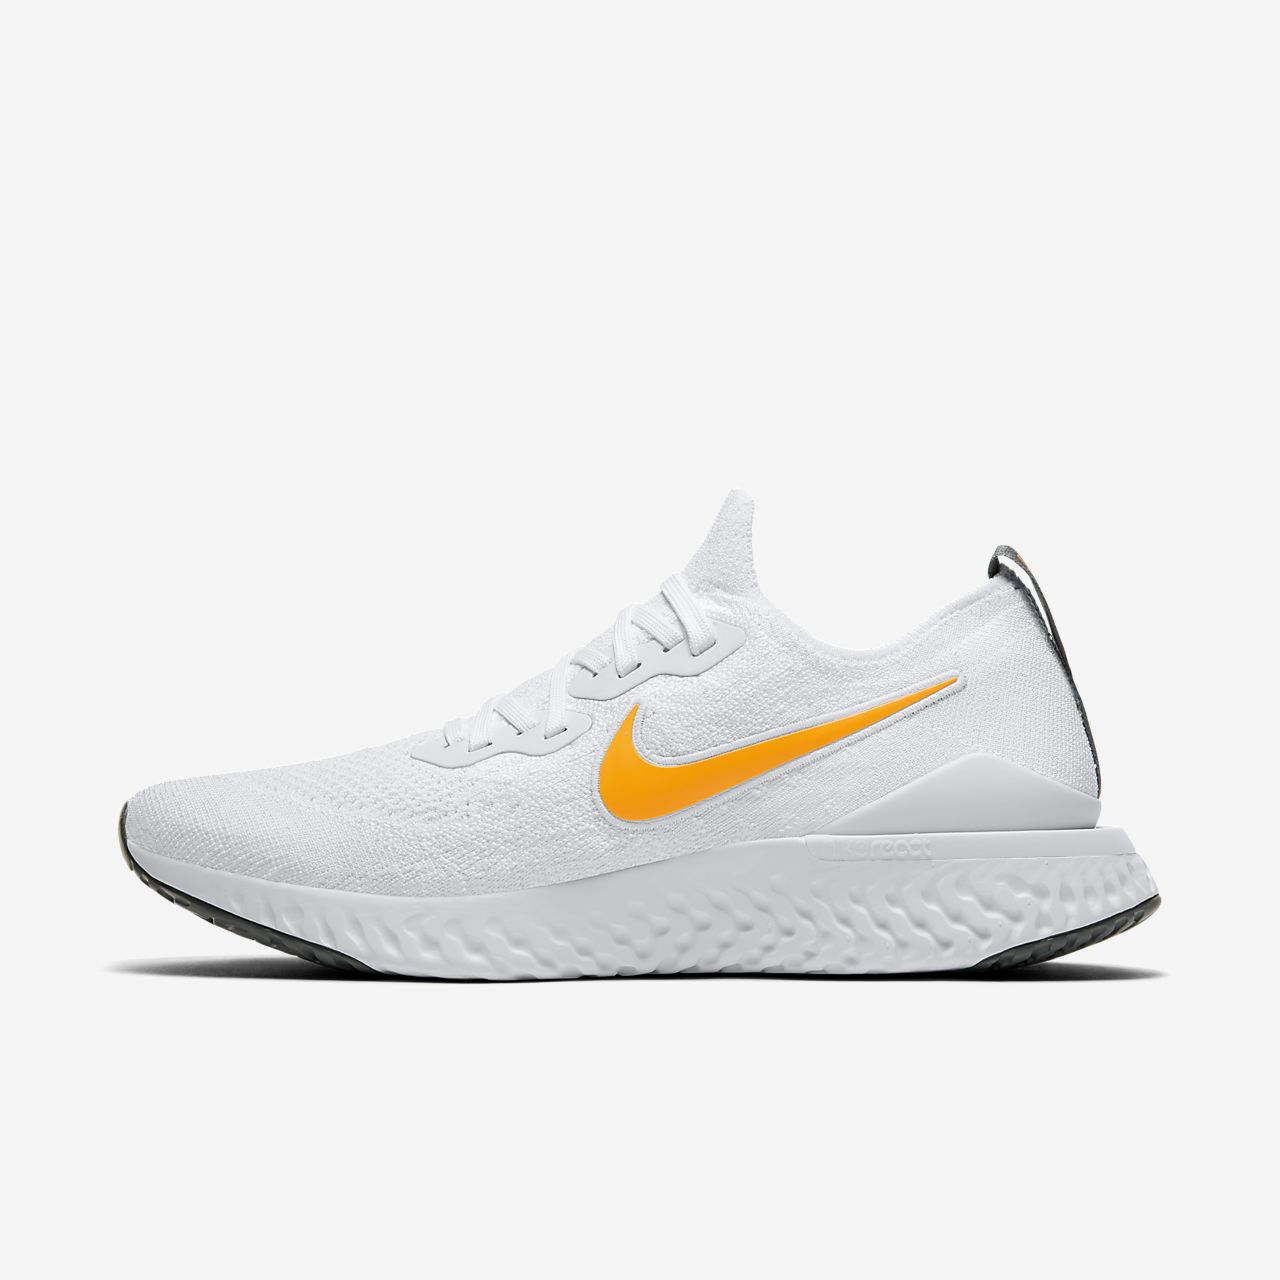 3694f0b6611 Nike Epic React Flyknit 2 Men's Running Shoe. Nike.com LU